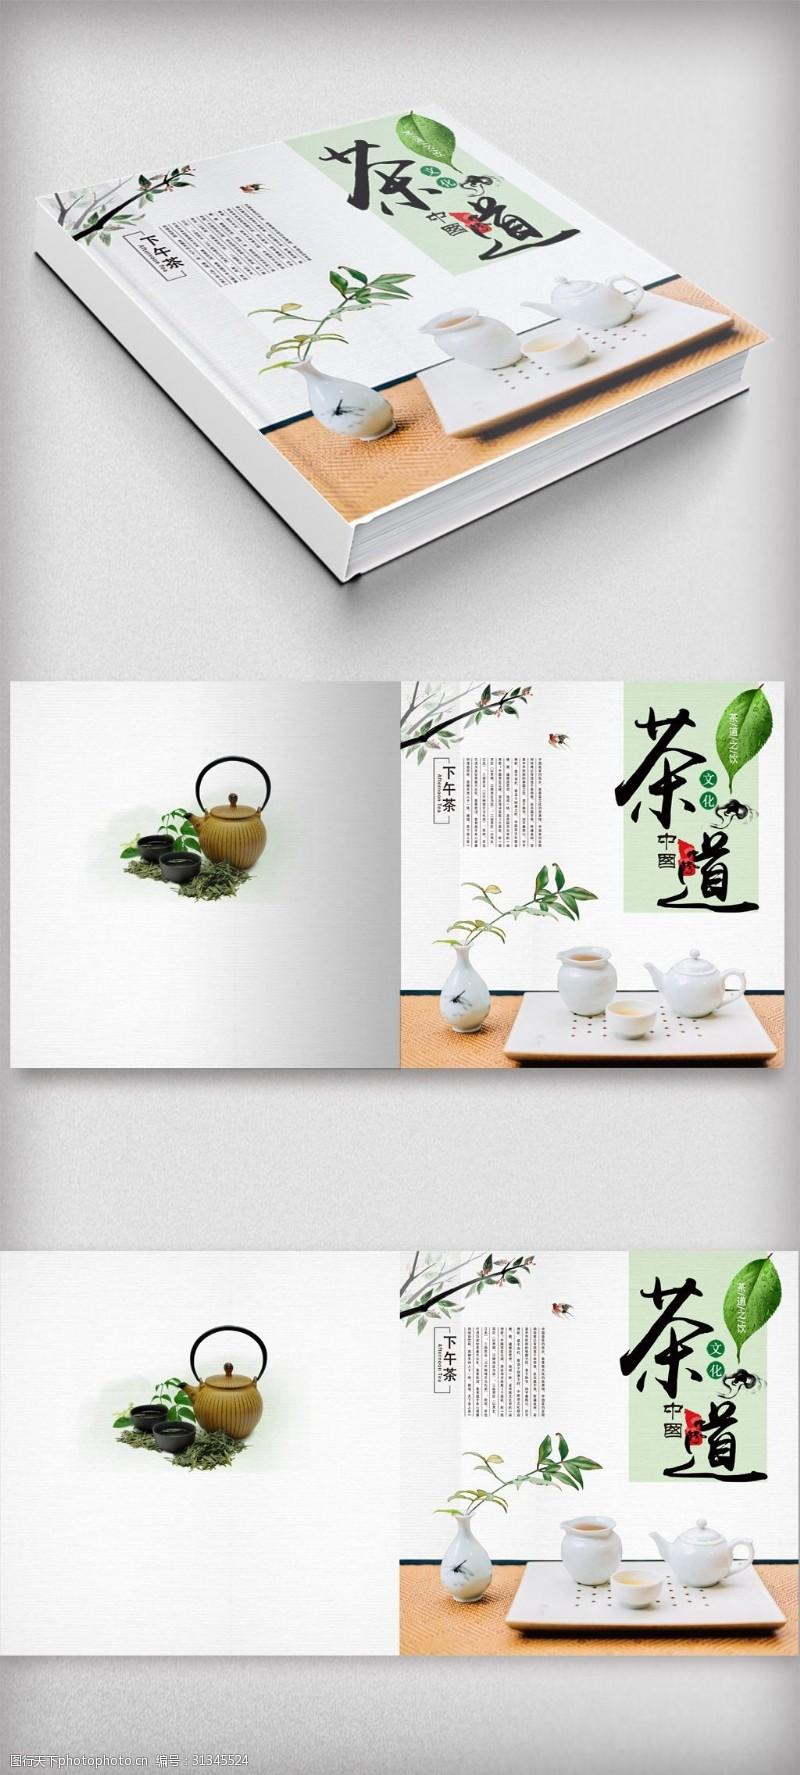 以茶会友清新简约茶文化茶叶画册封面设计